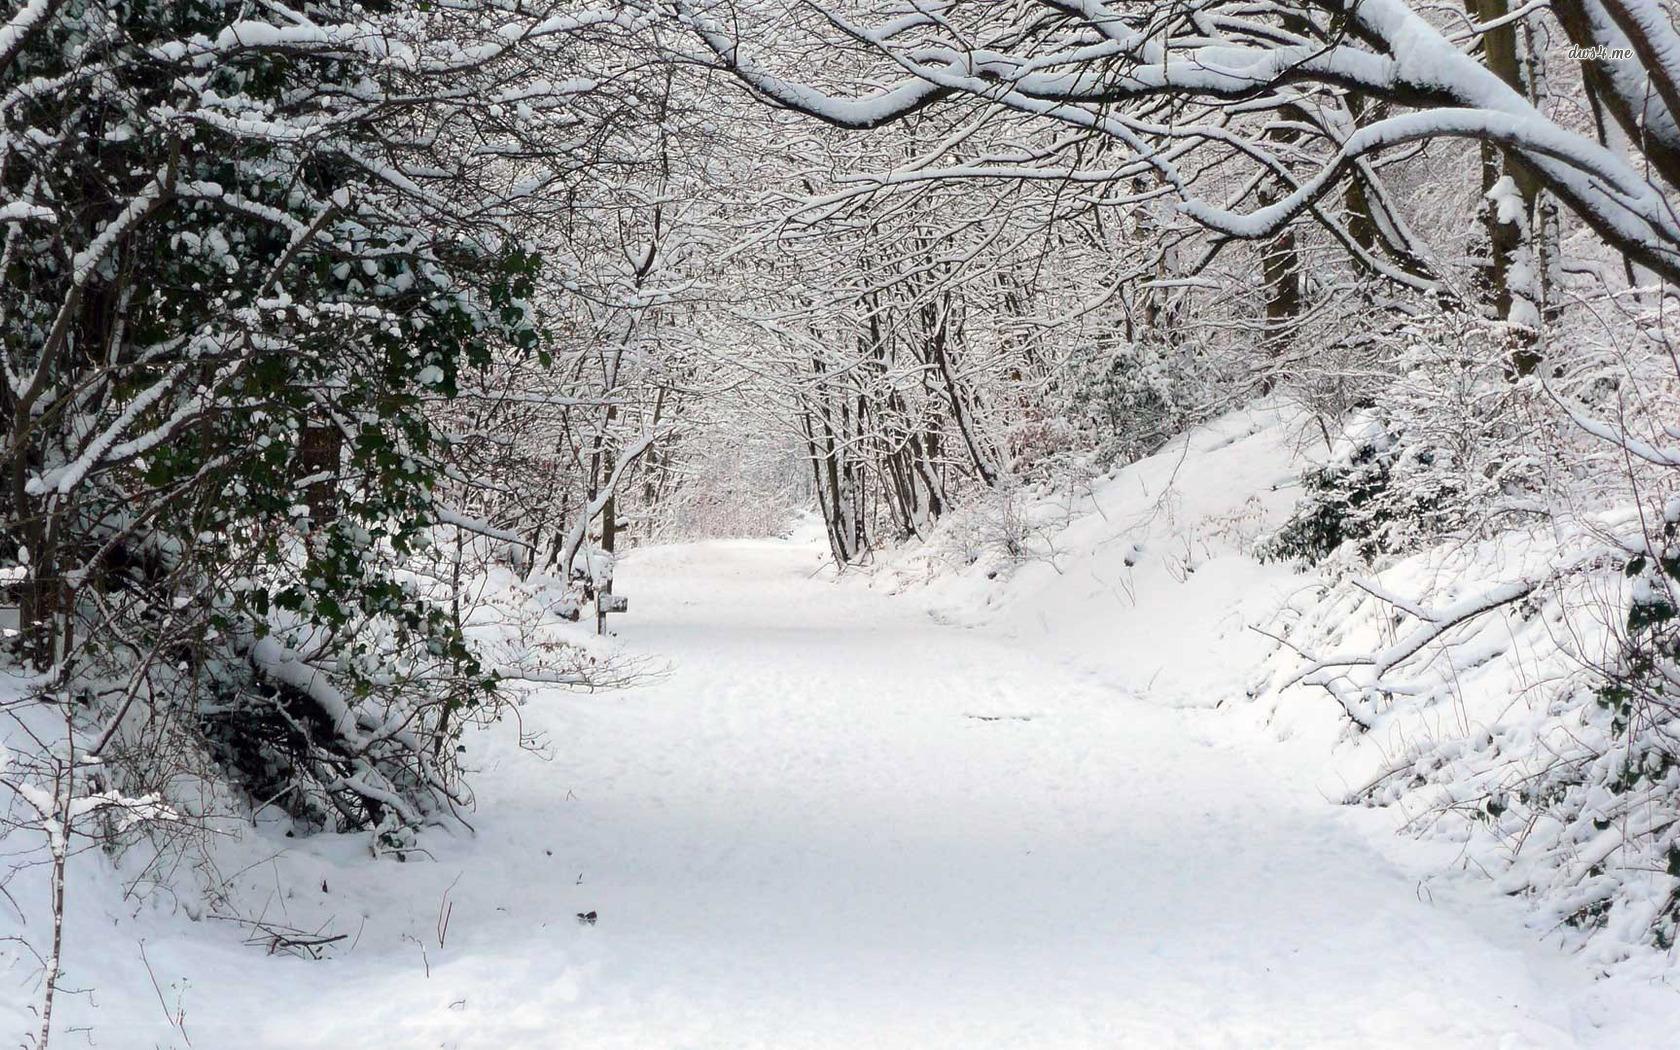 Snowy forest wallpaper 1280x800 Snowy forest wallpaper 1366x768 Snowy 1680x1050